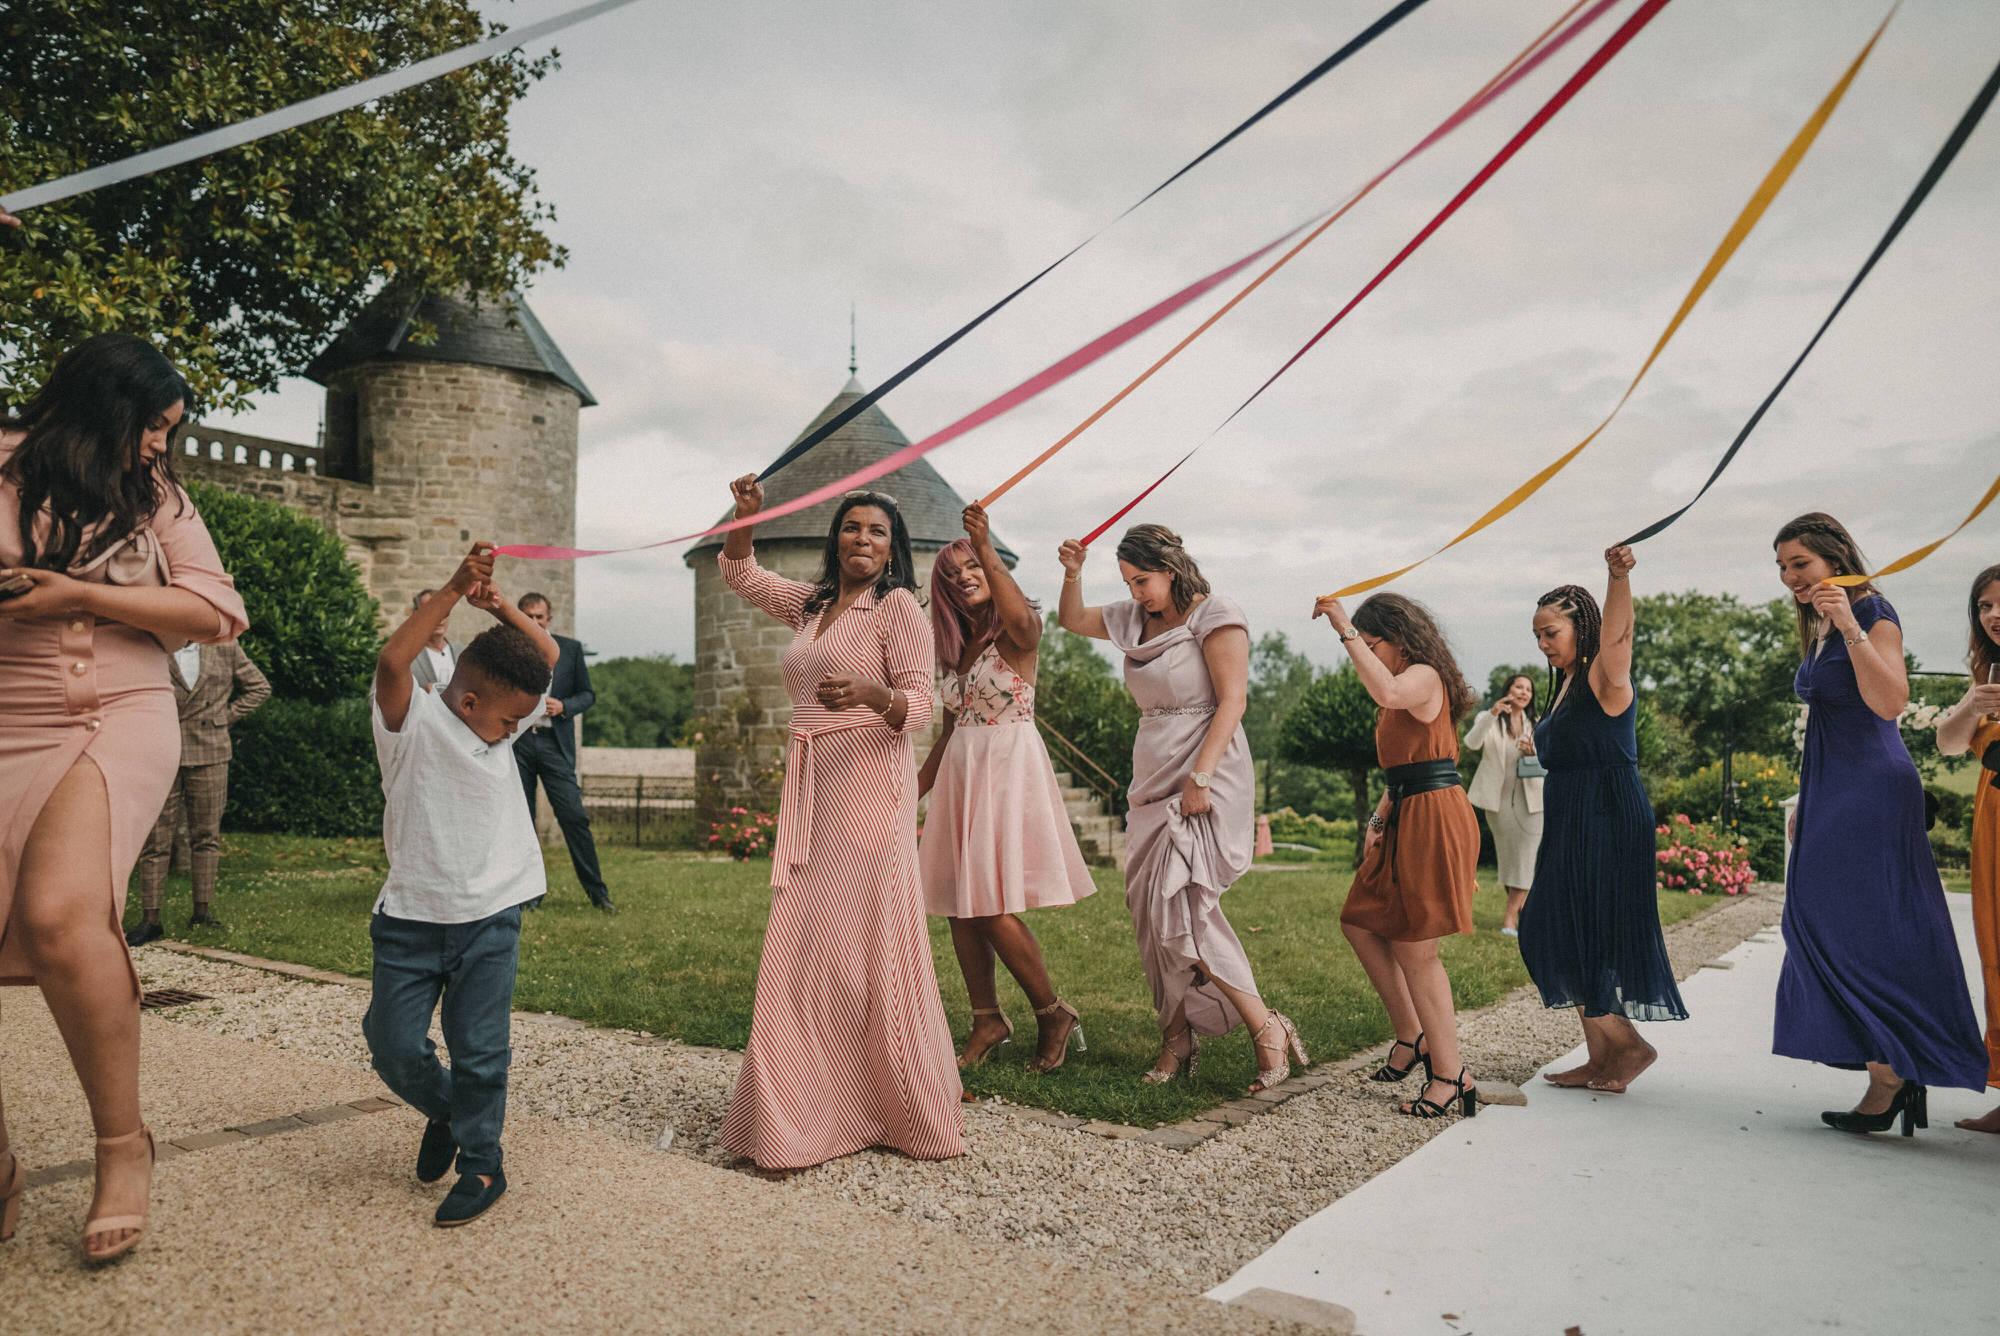 Photo De Mariage Au Manoir De Kerhuel A Plouneour Lanvern De Perle Danilson Par Antoine Borzeix 730, Photographe & Videaste à Brest / Finistère